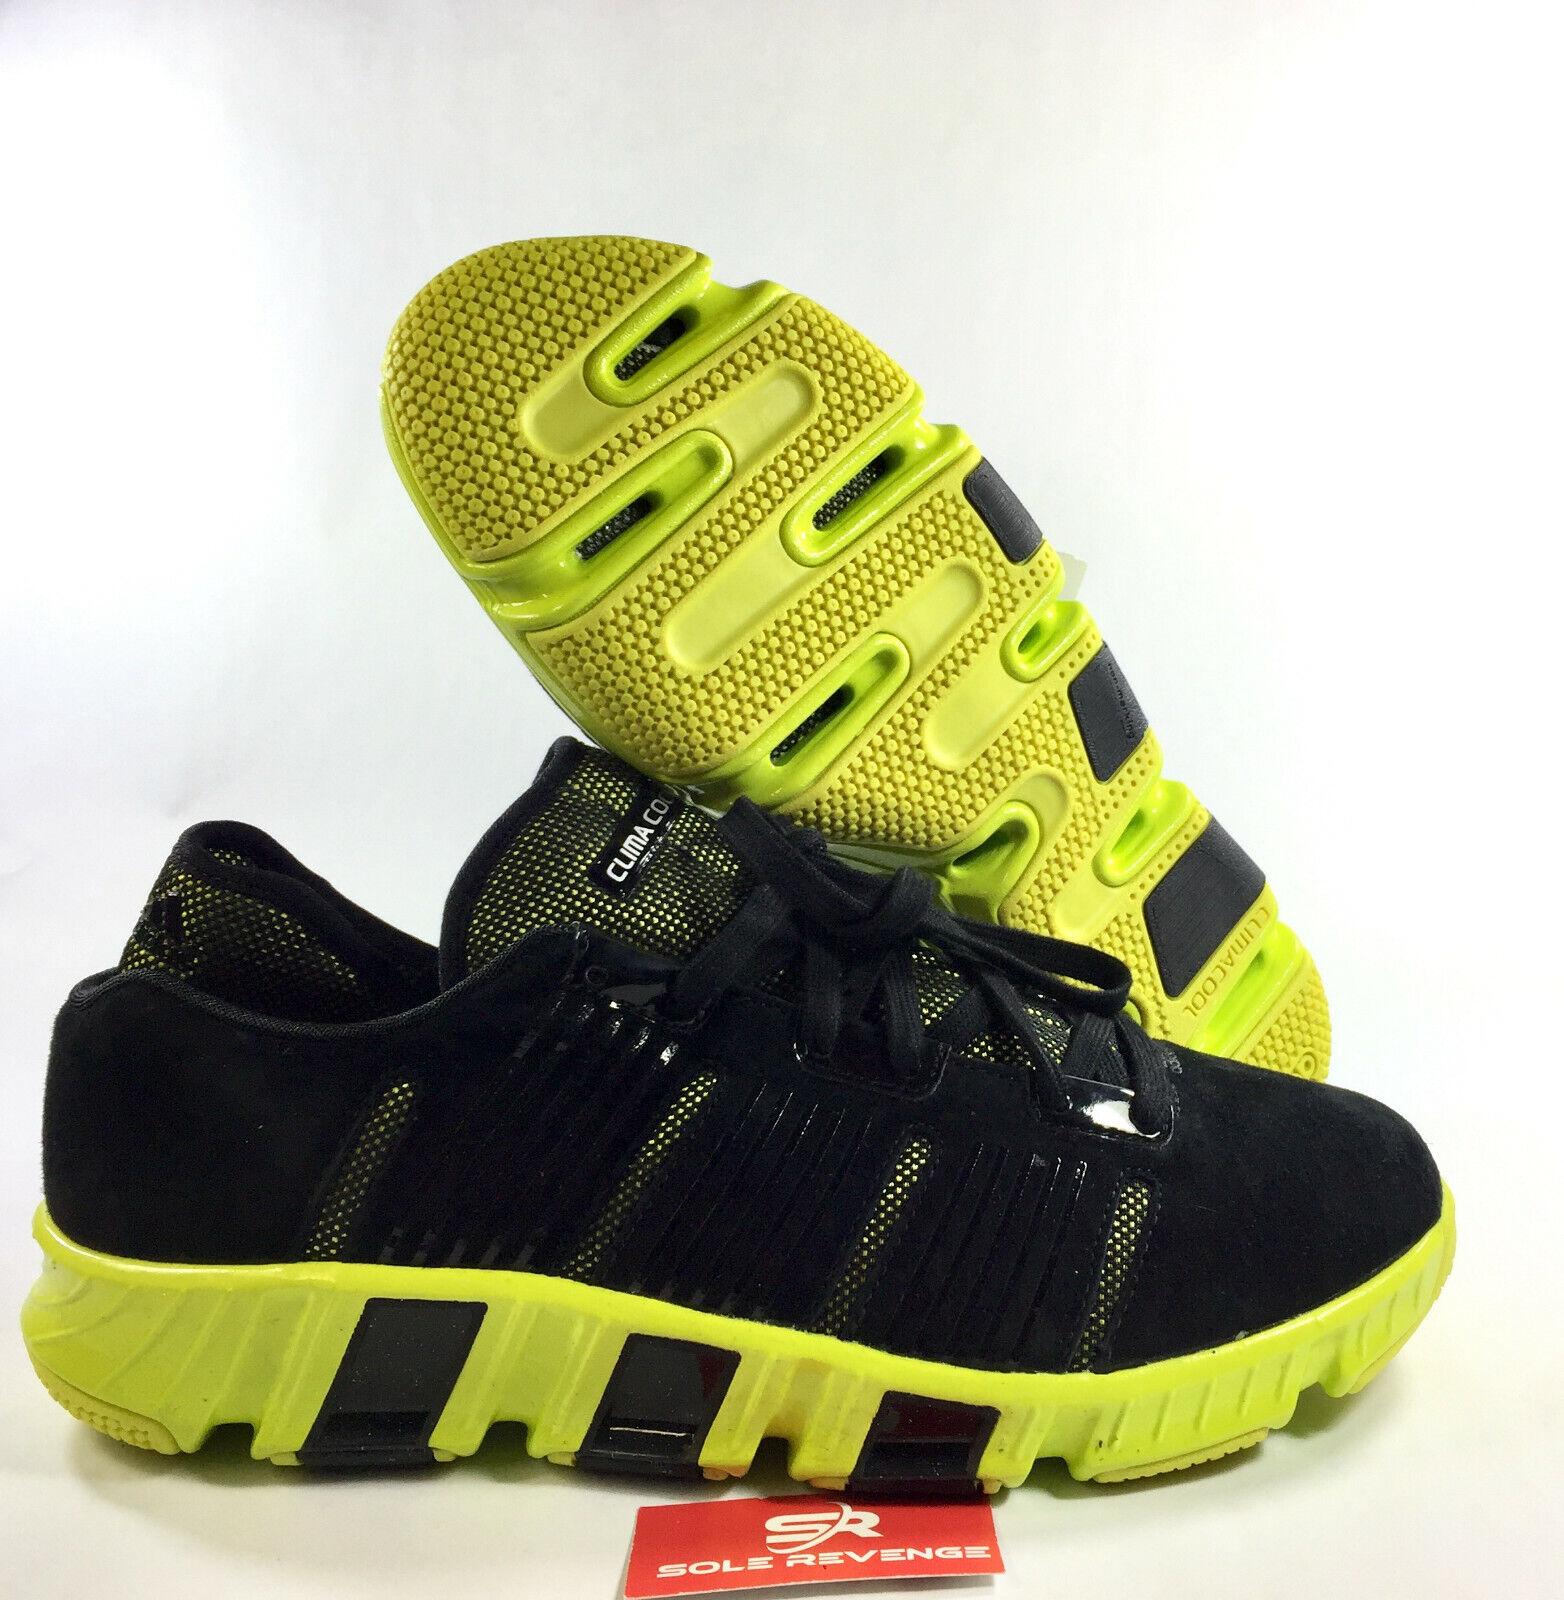 NEW 9.5 adiidas Clima 360 Low Black Mens Basketball shoes G20843